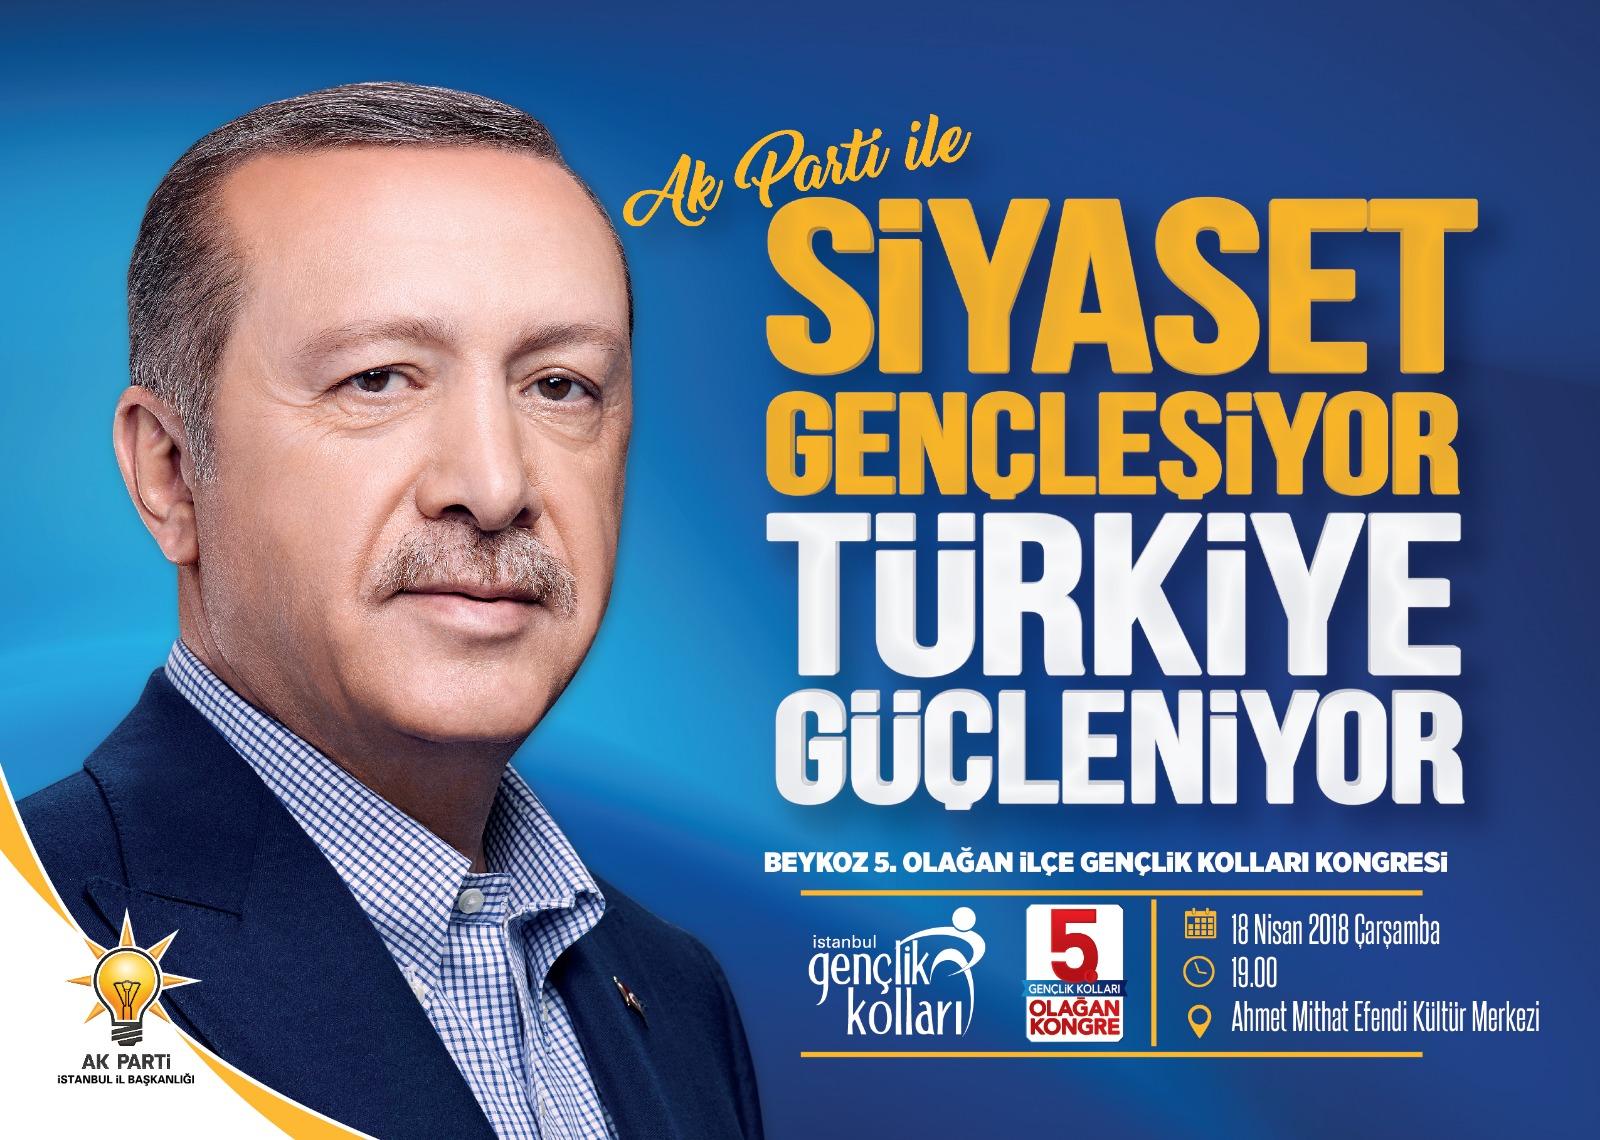 AK Parti Beykoz İlçe Gençlik Kolları Kongreye Gidiyor